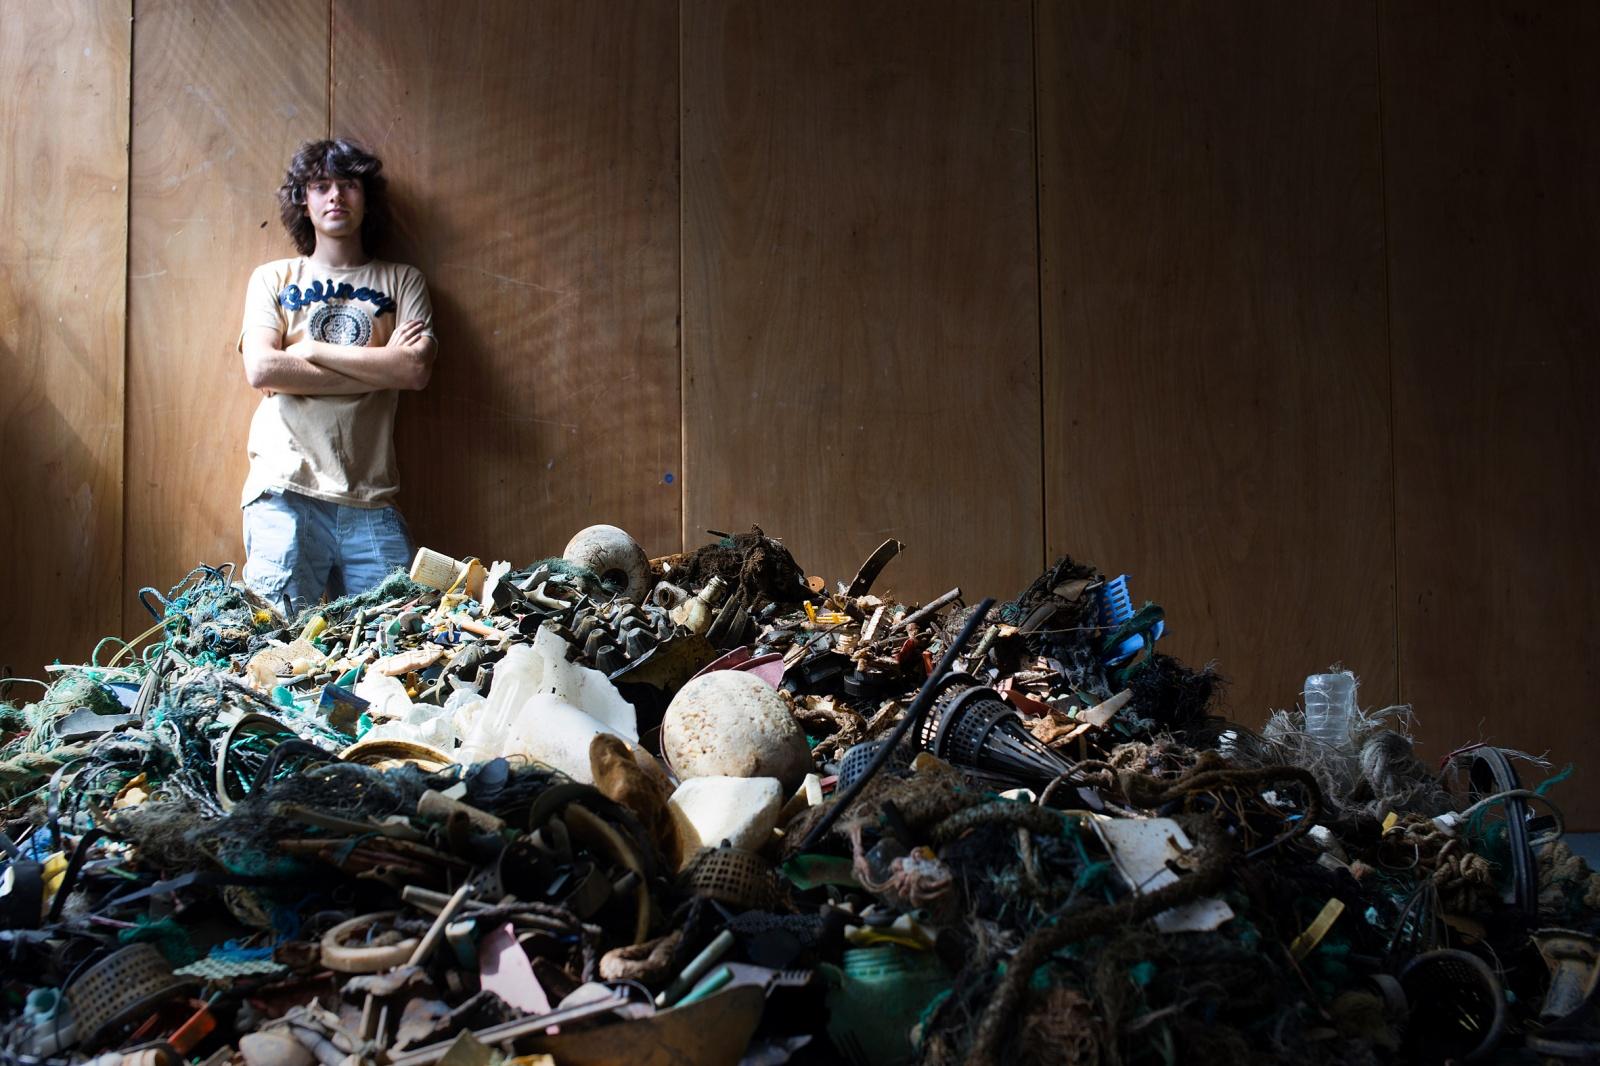 Представлена программа очистки мировых рек от мусора - 14